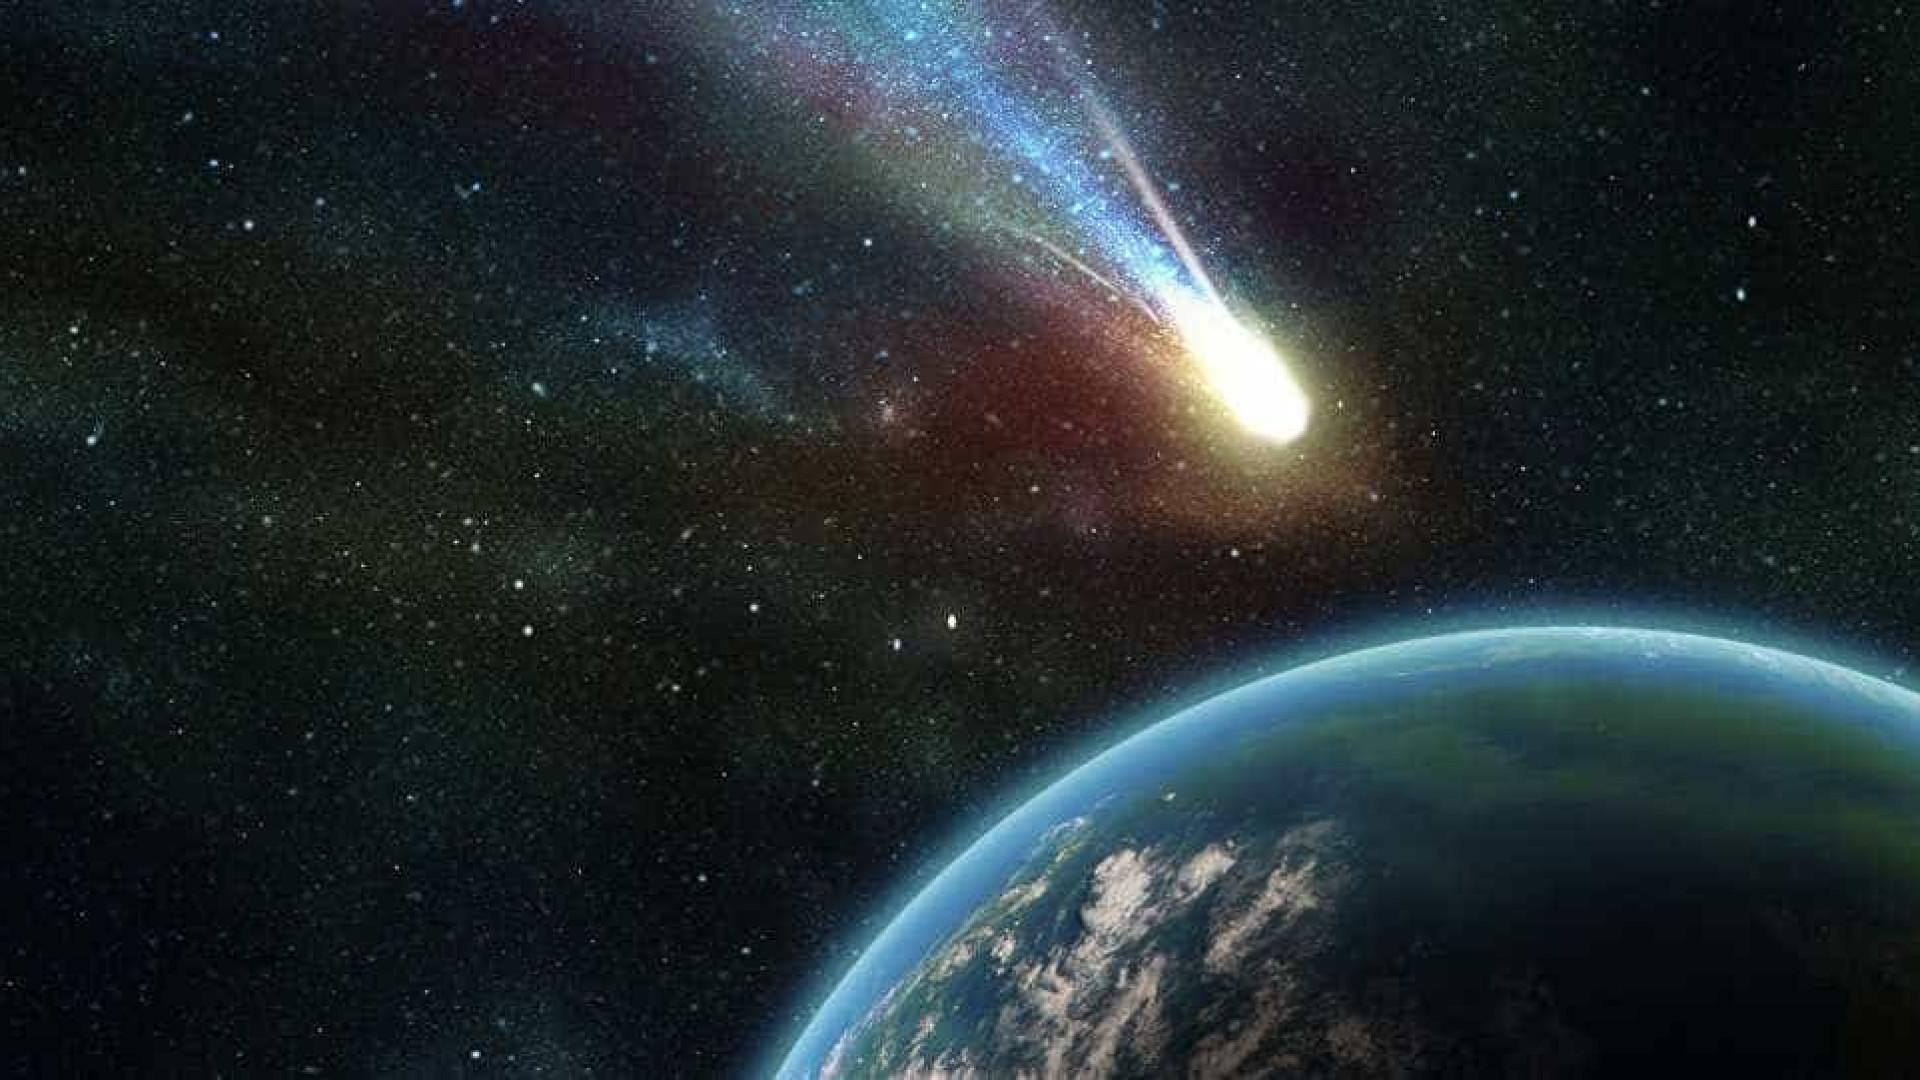 Asteroide passa 'perto' de satélites e ameaça sistema de comunicação